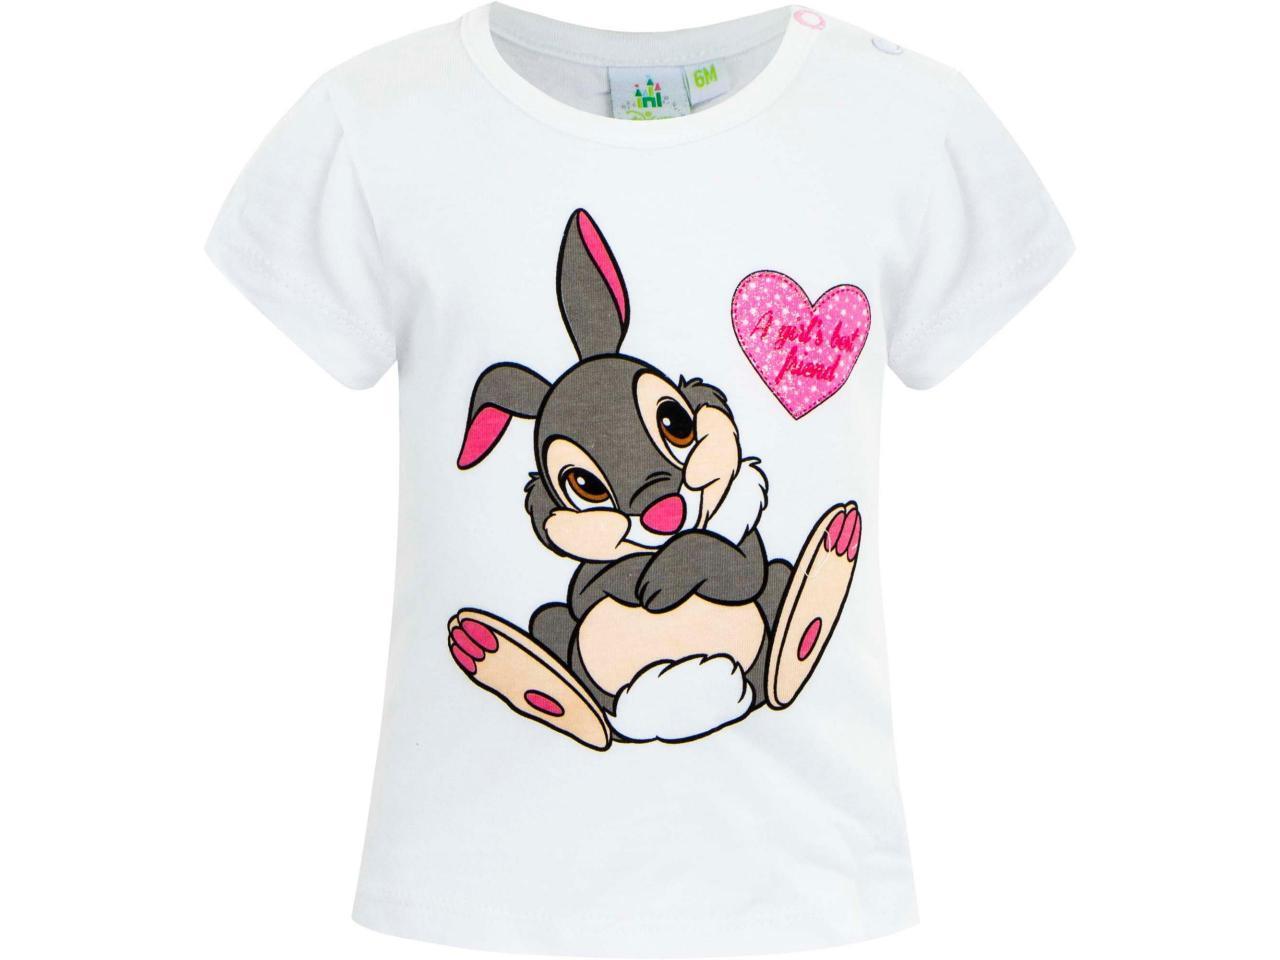 продам детские рубашки от компании Disney - 2